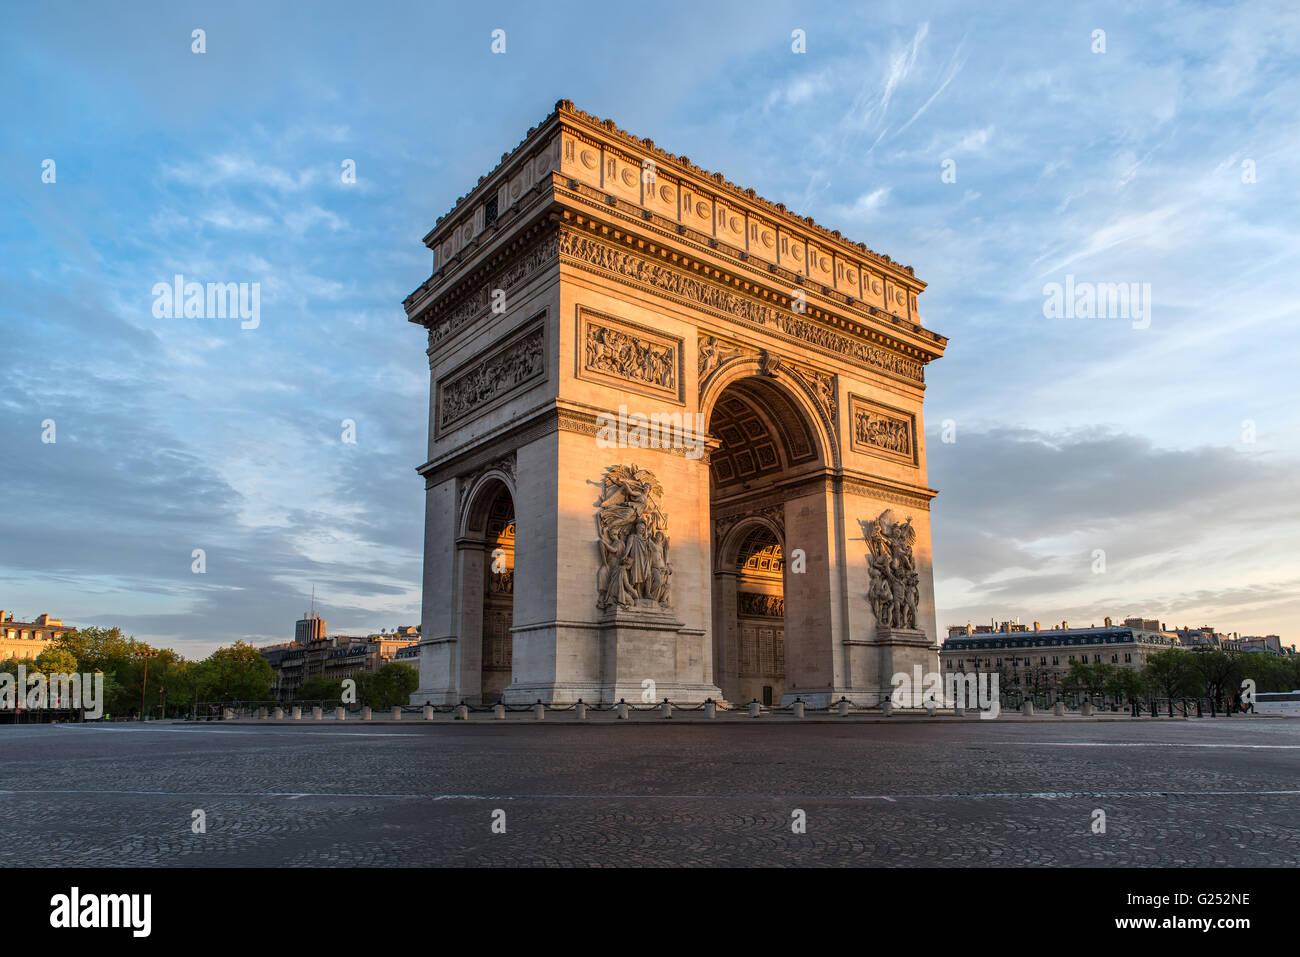 Arc de Triomphe Paris city at sunset - Arch of Triumph - Stock Image